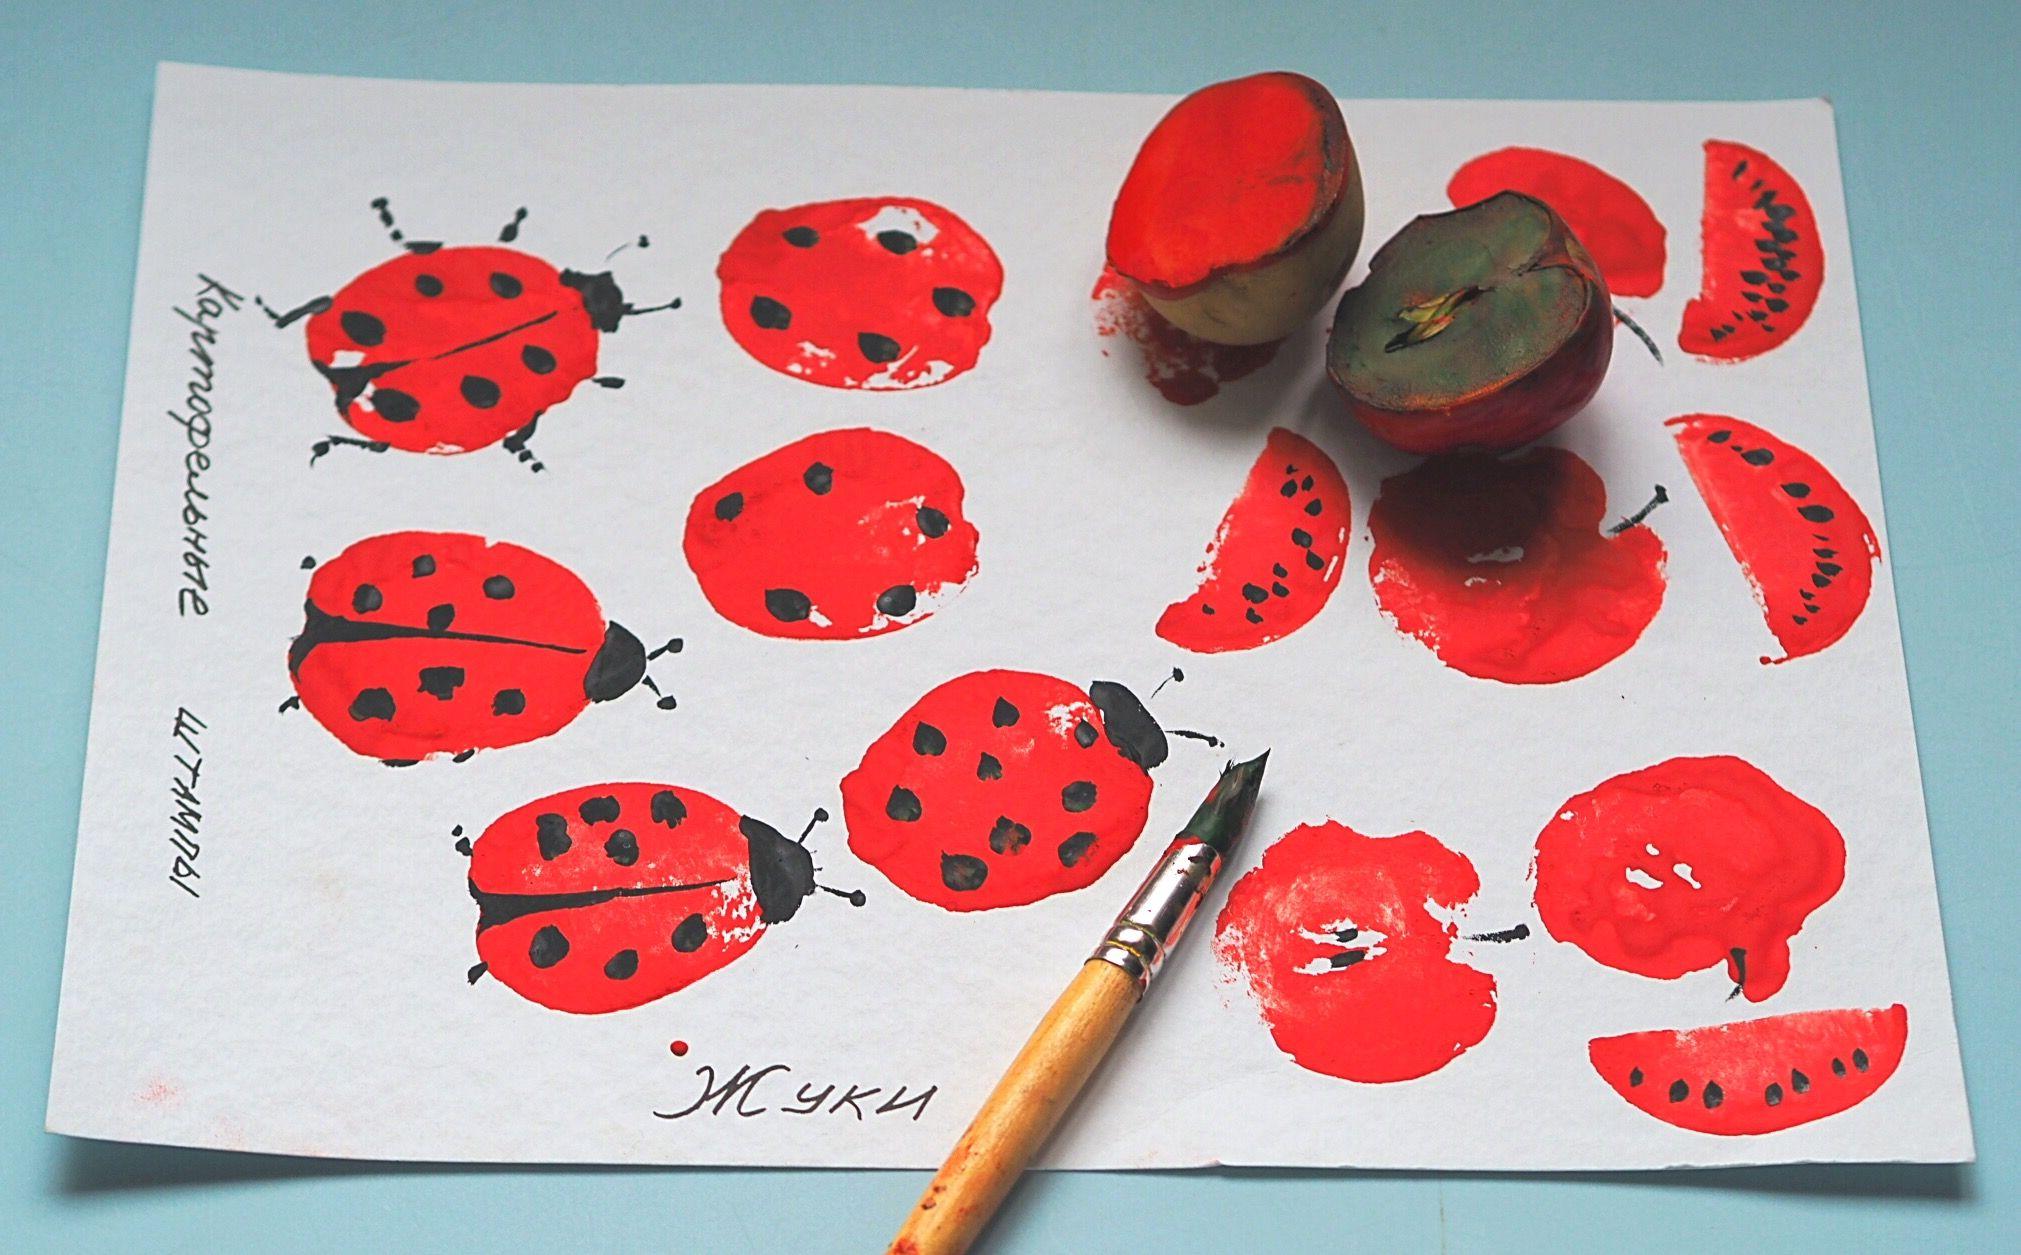 Рисование штампами картинки, поздравления